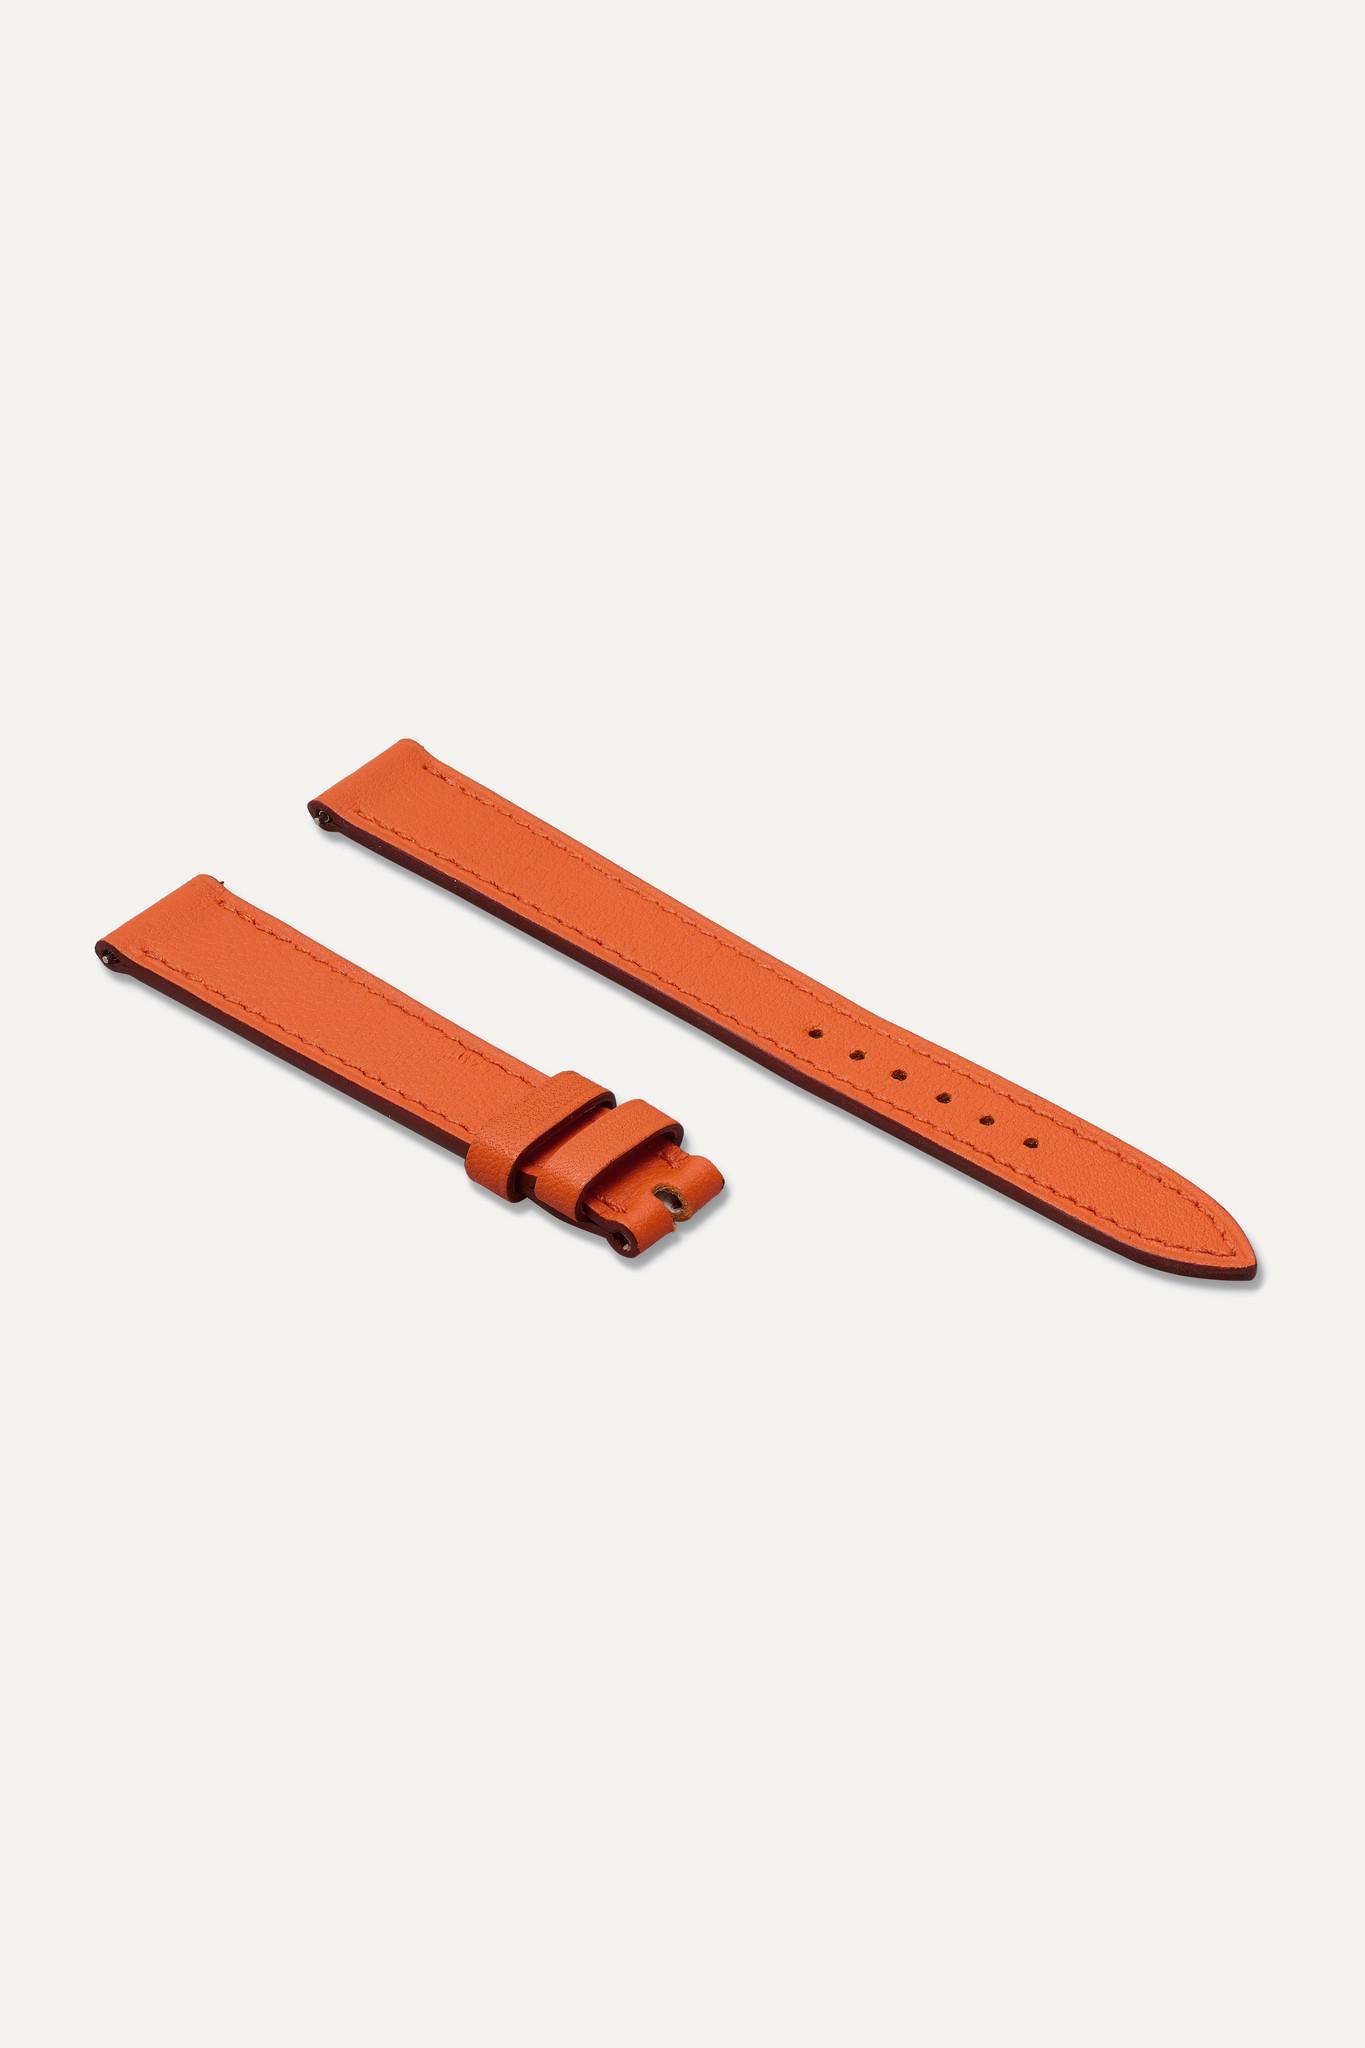 HERMÈS TIMEPIECES - Cape Cod Single Tour 23mm Leather Watch Strap - Gold - Black Barenia - Short